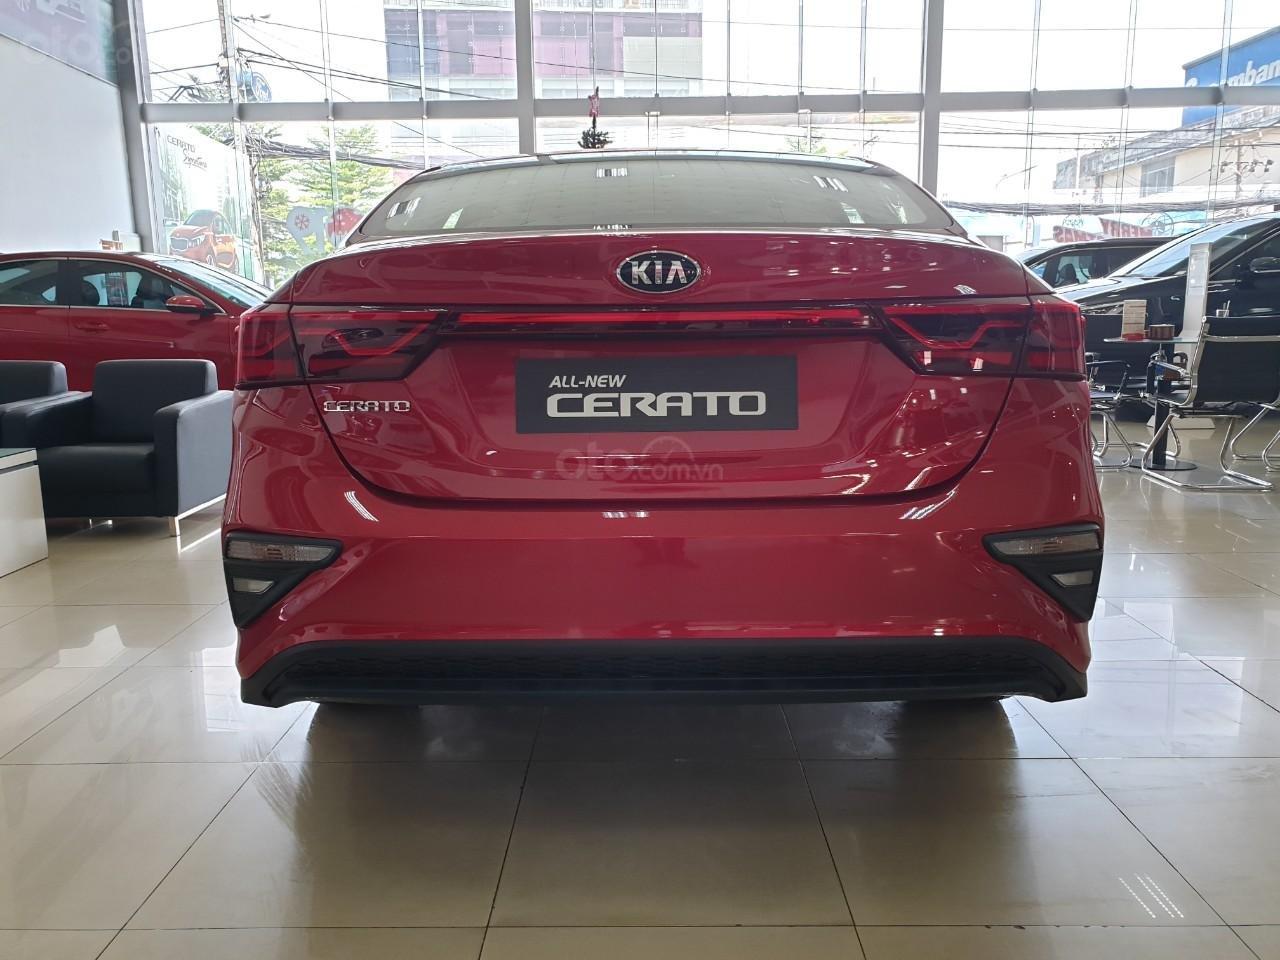 [Kia Bình Triệu] bán Kia Cerato 2019 - Giảm ngay tiền mặt + Tặng phụ kiện, hỗ trợ trả góp 85%-3